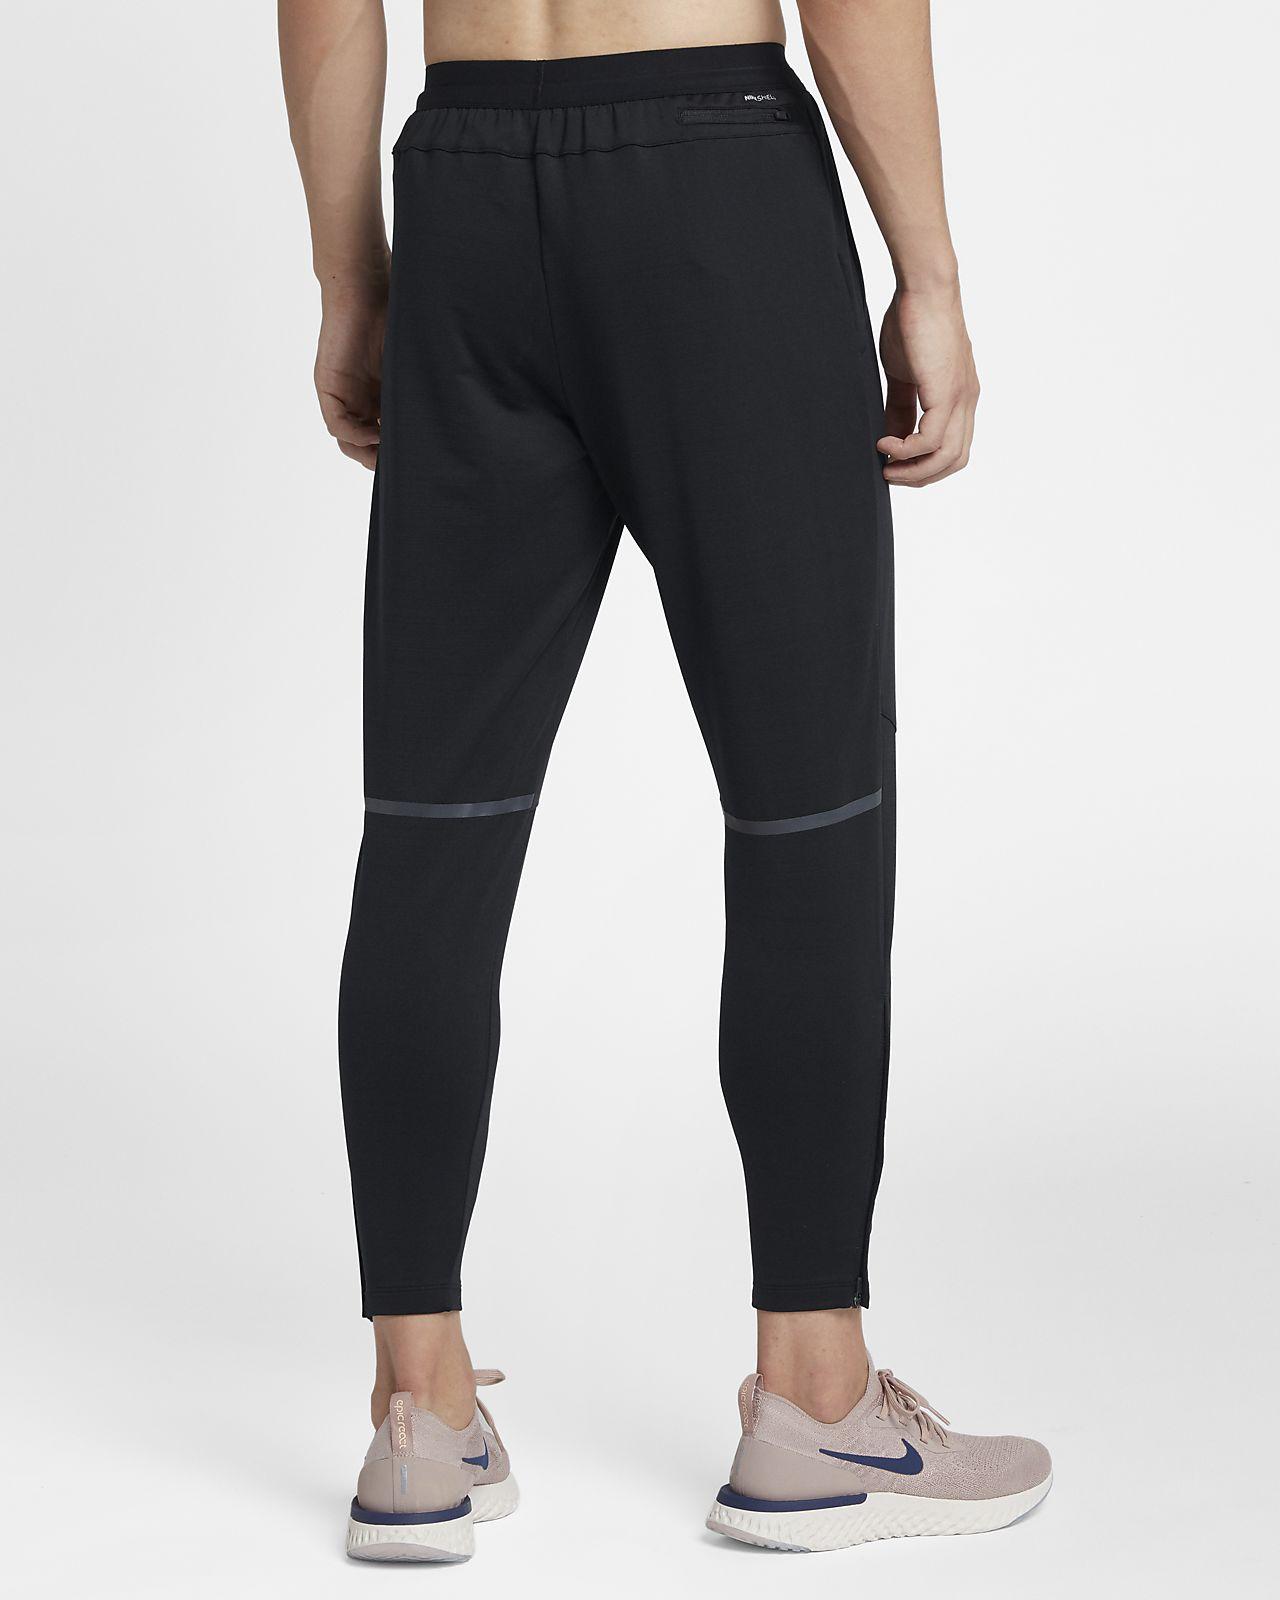 Nike Shield Phenom Herren-Laufhose